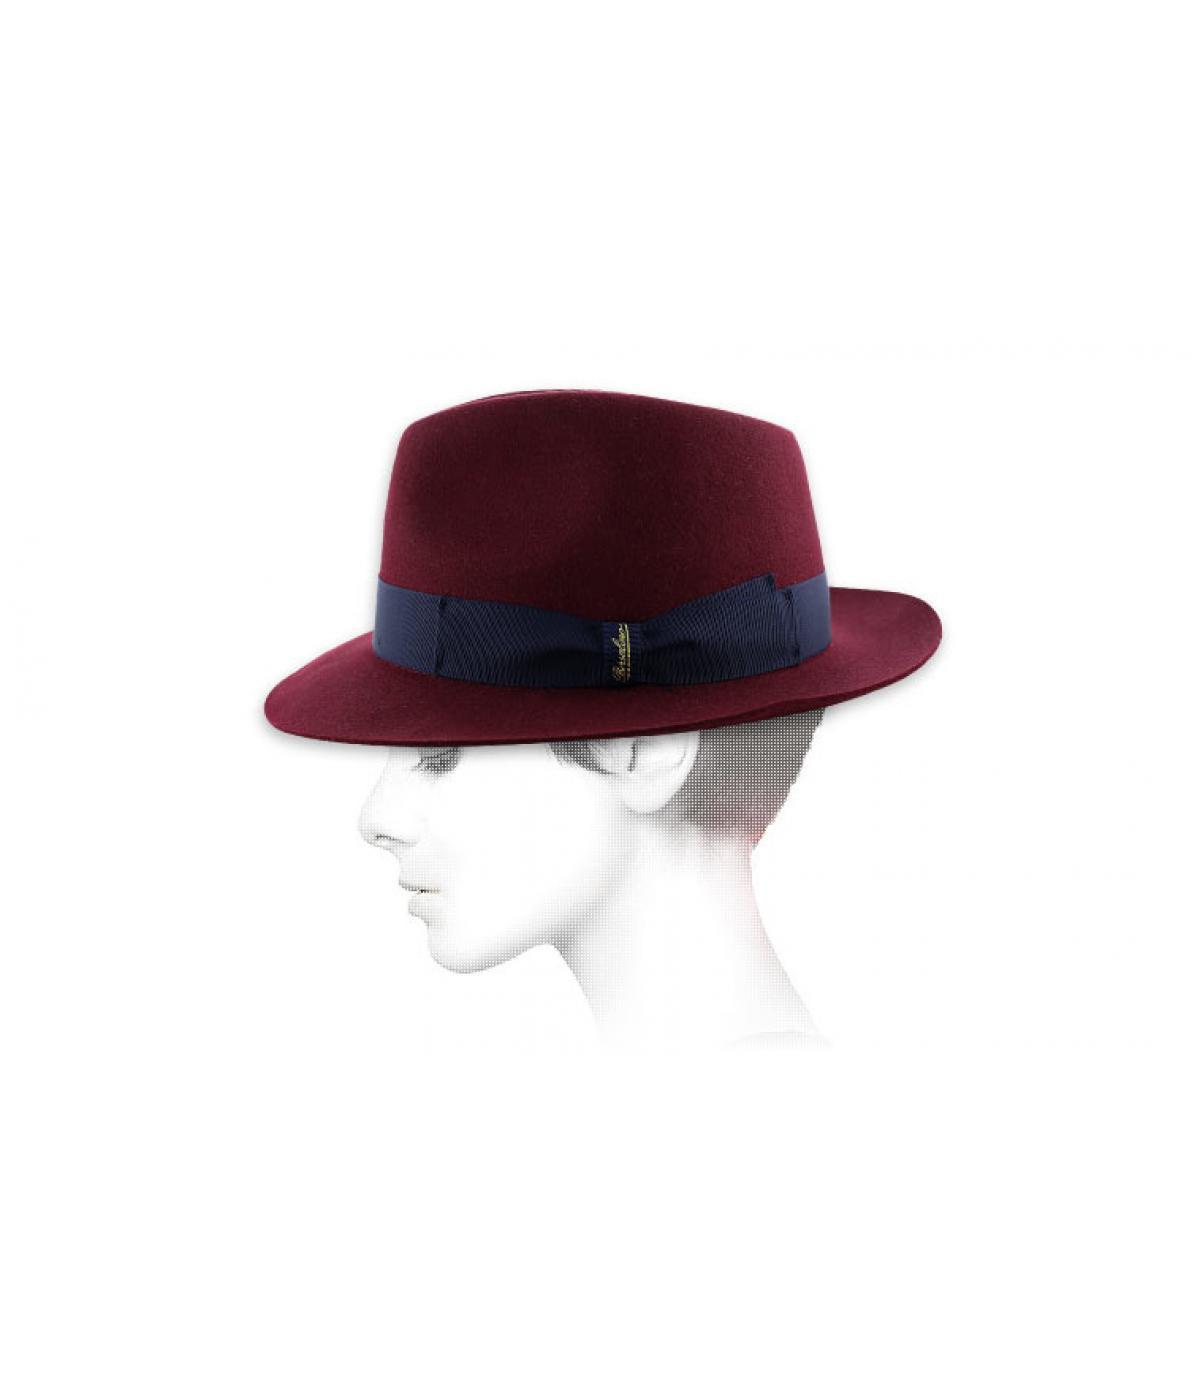 chapeau borsalino bordeaux